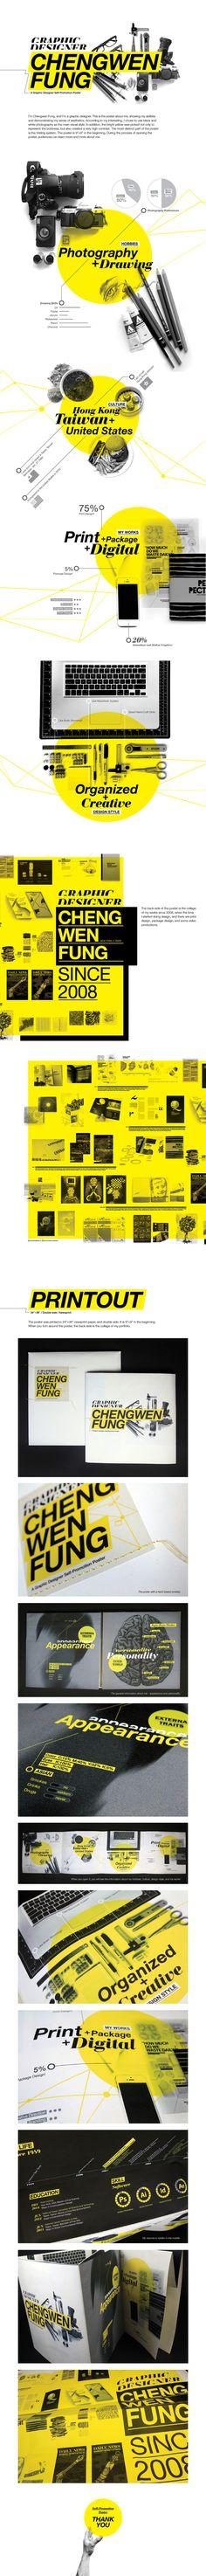 無彩度與鮮豔黃的視覺設計 | MyDesy 淘靈感